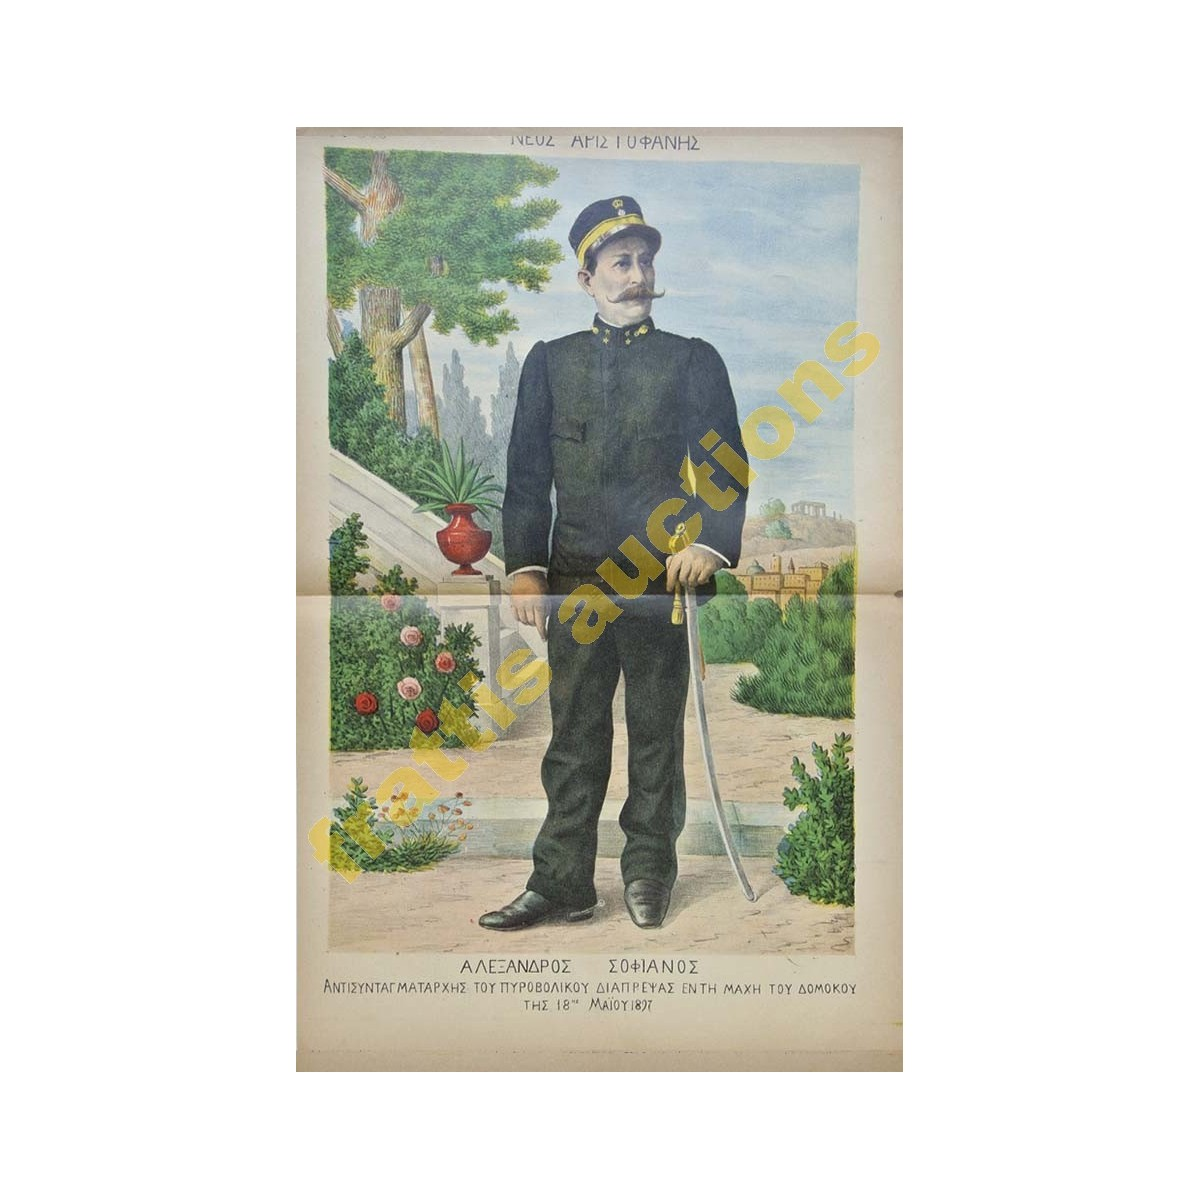 ΝΕΟΣ ΑΡΙΣΤΟΦΑΝΗΣ , αντισυνταγματάρχης του πυροβολικού, ΑΛΕΞΑΝΔΡΟΣ ΣΟΦΙΑΝΟΣ 1897